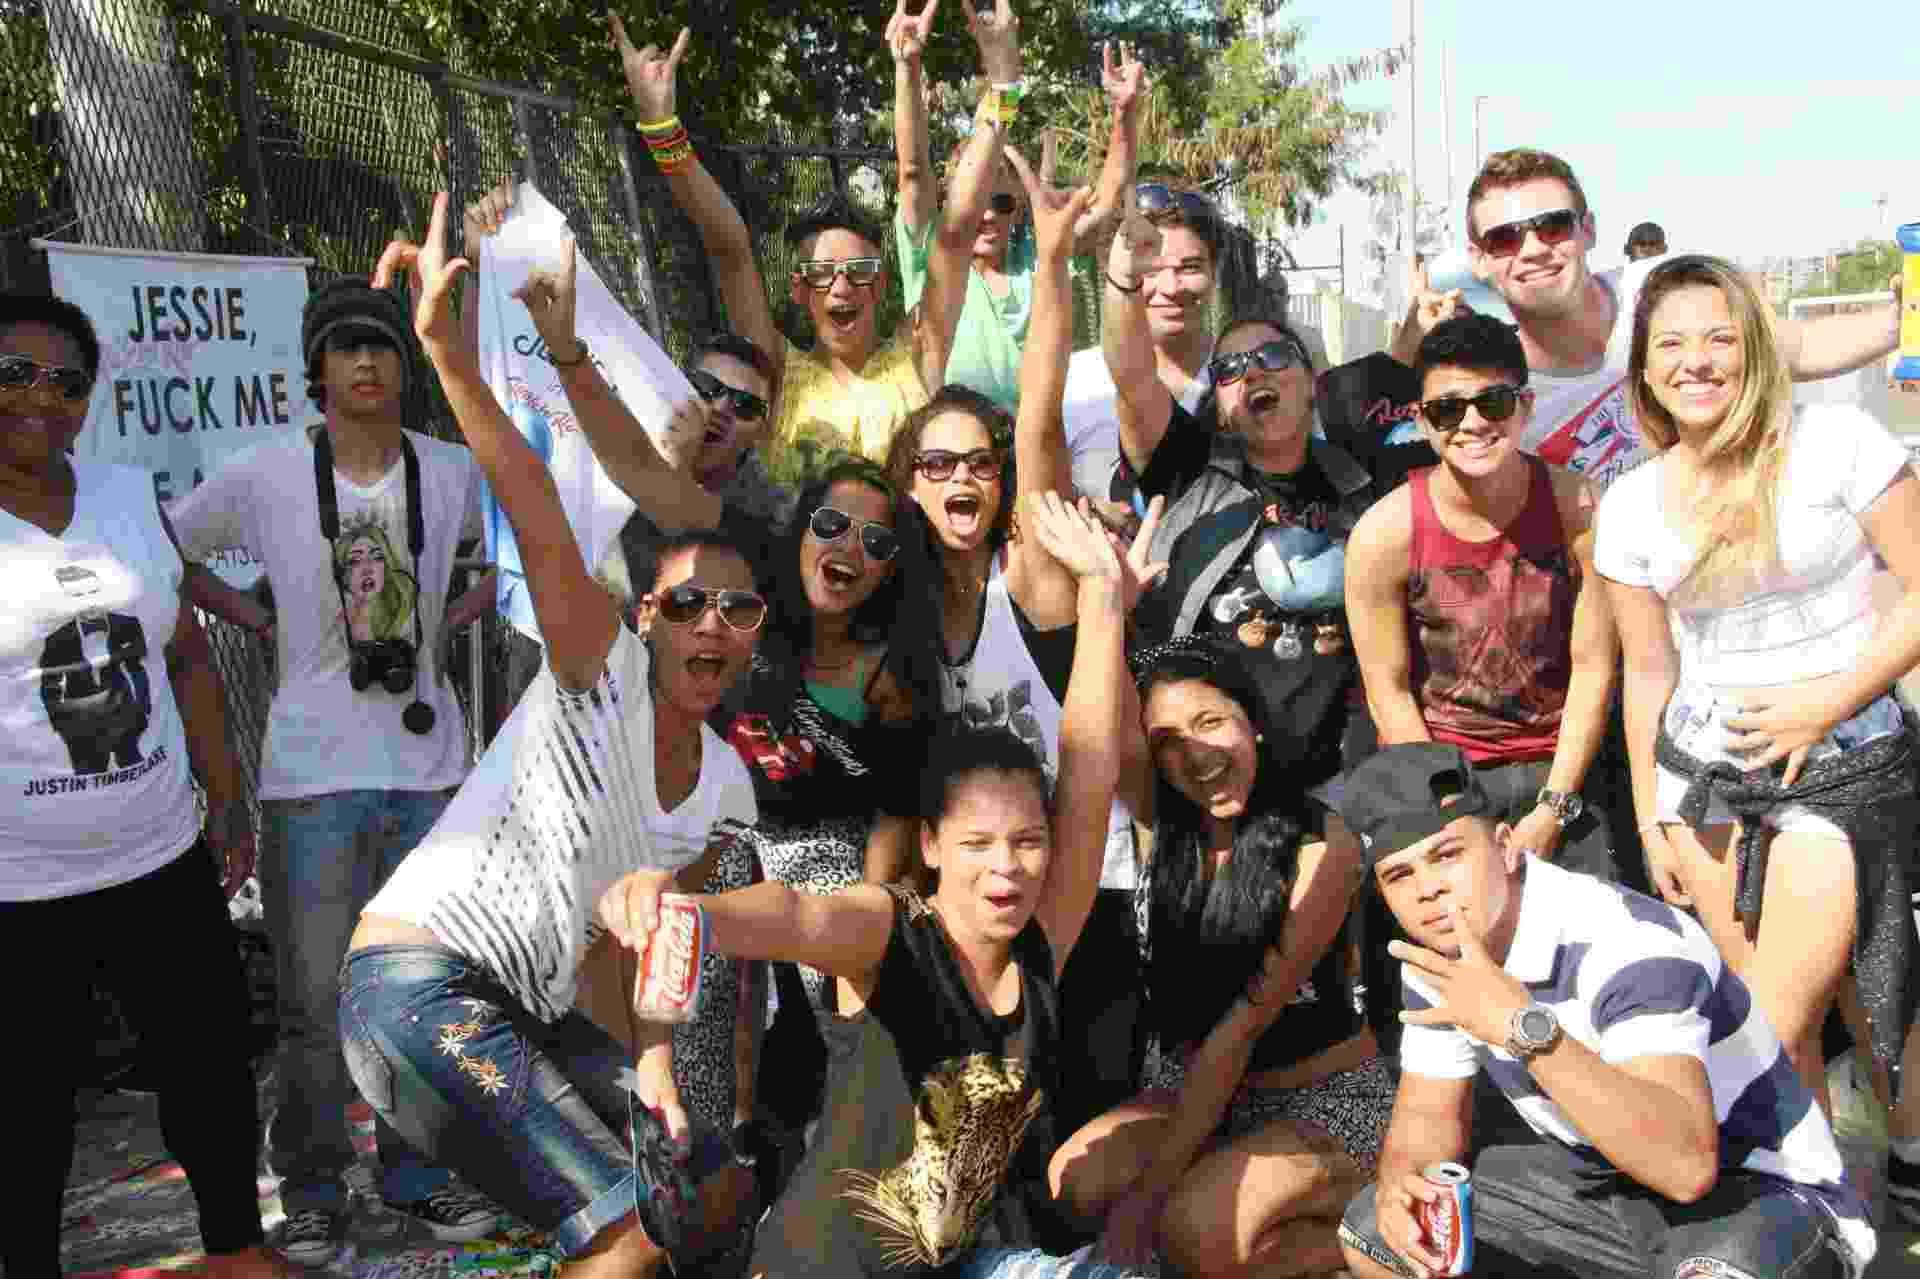 15.set.2013 - Fãs da cantora Jessie J posam animados antes da abertura dos portões no terceiro dia do Rock in Rio - Zulmair Rocha/UOL